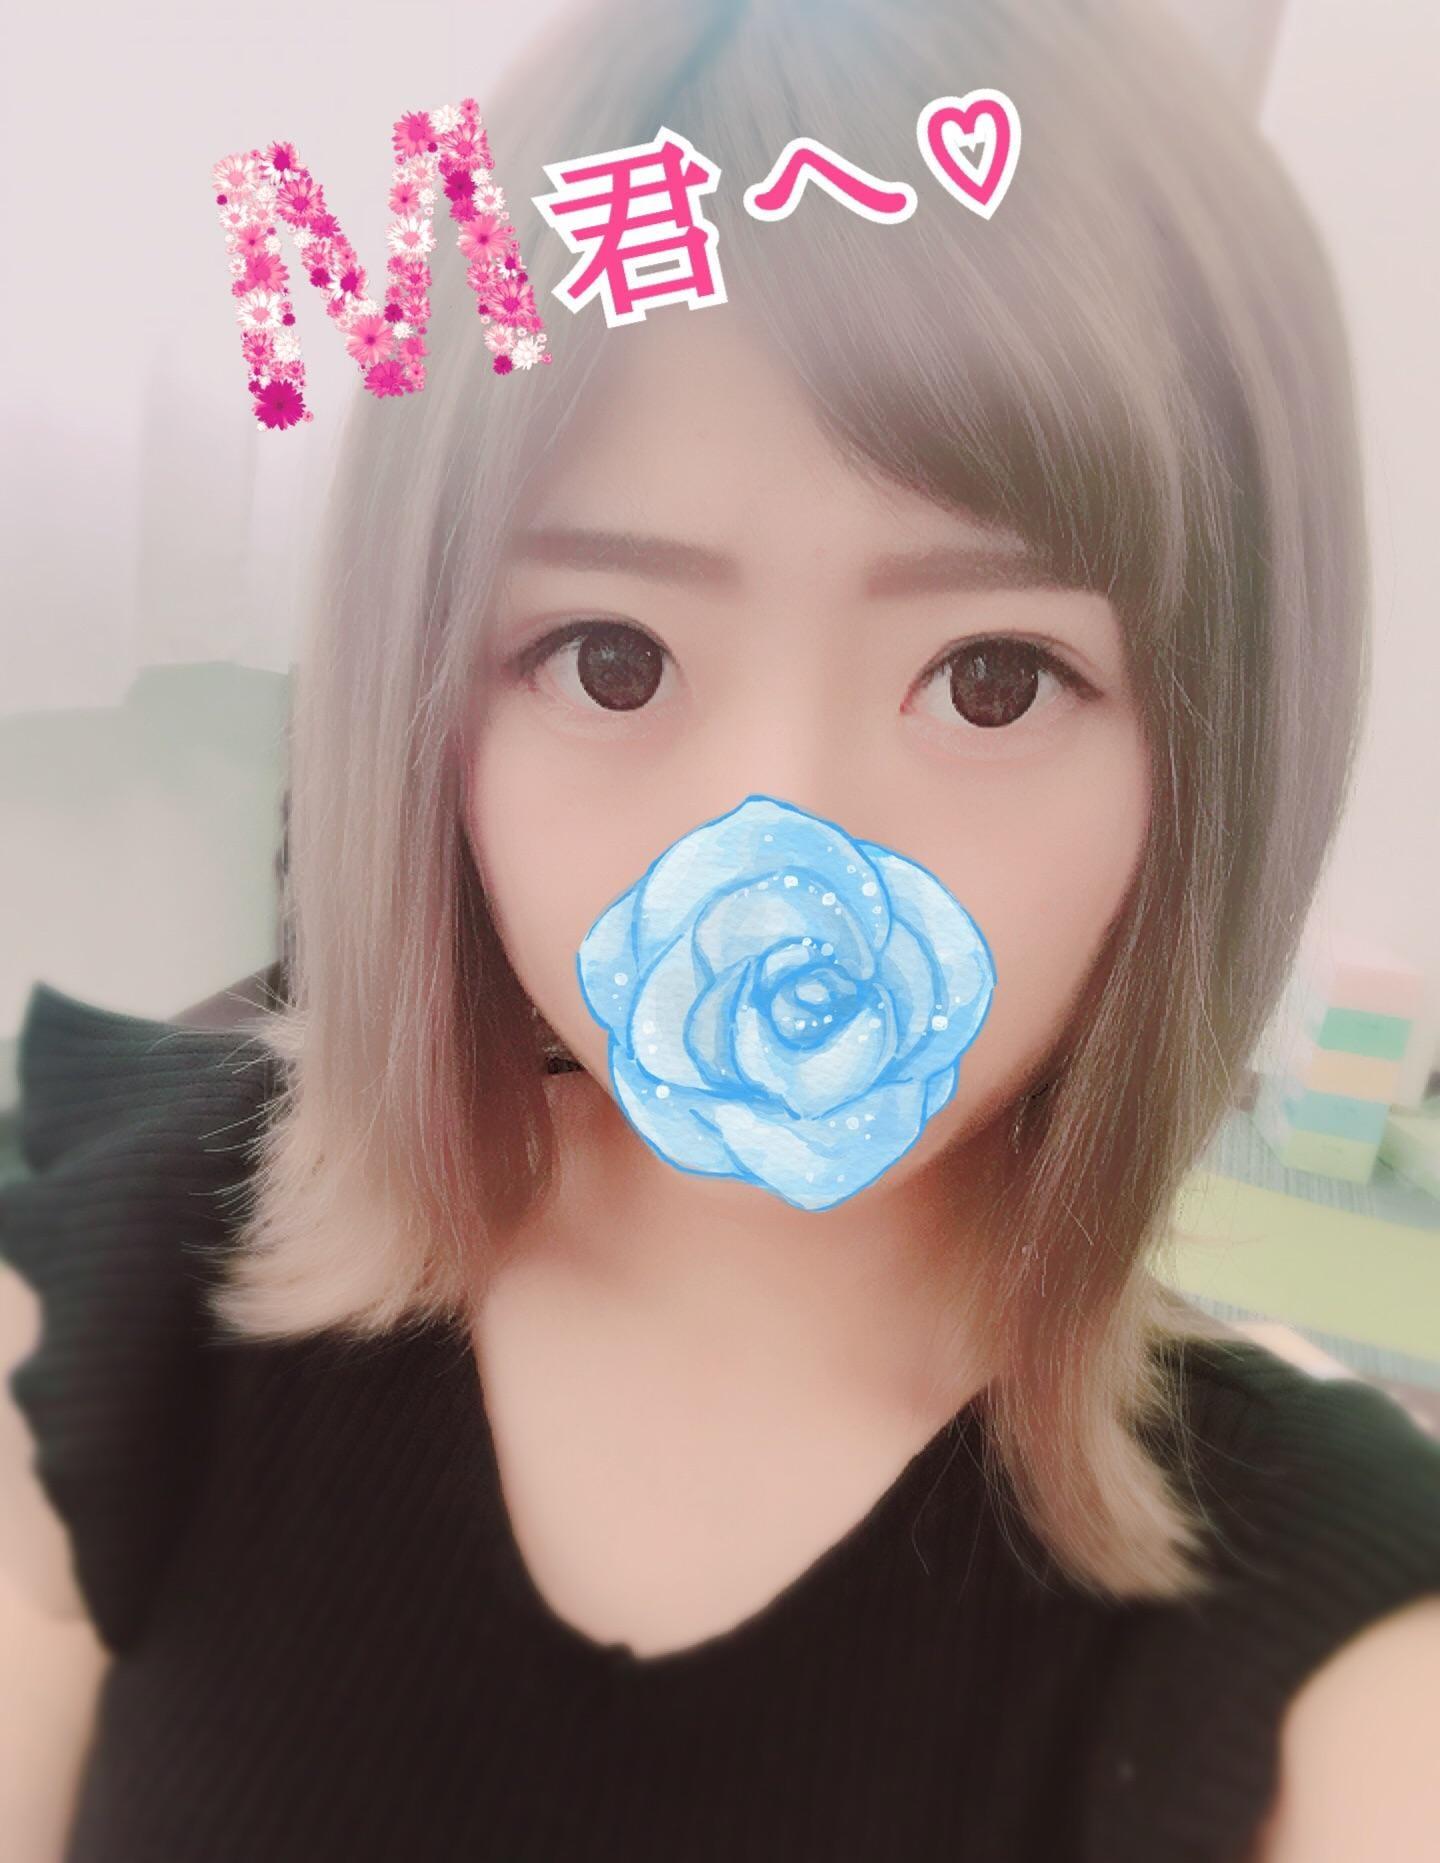 りな「M君へー♡」05/31(木) 20:17   りなの写メ・風俗動画